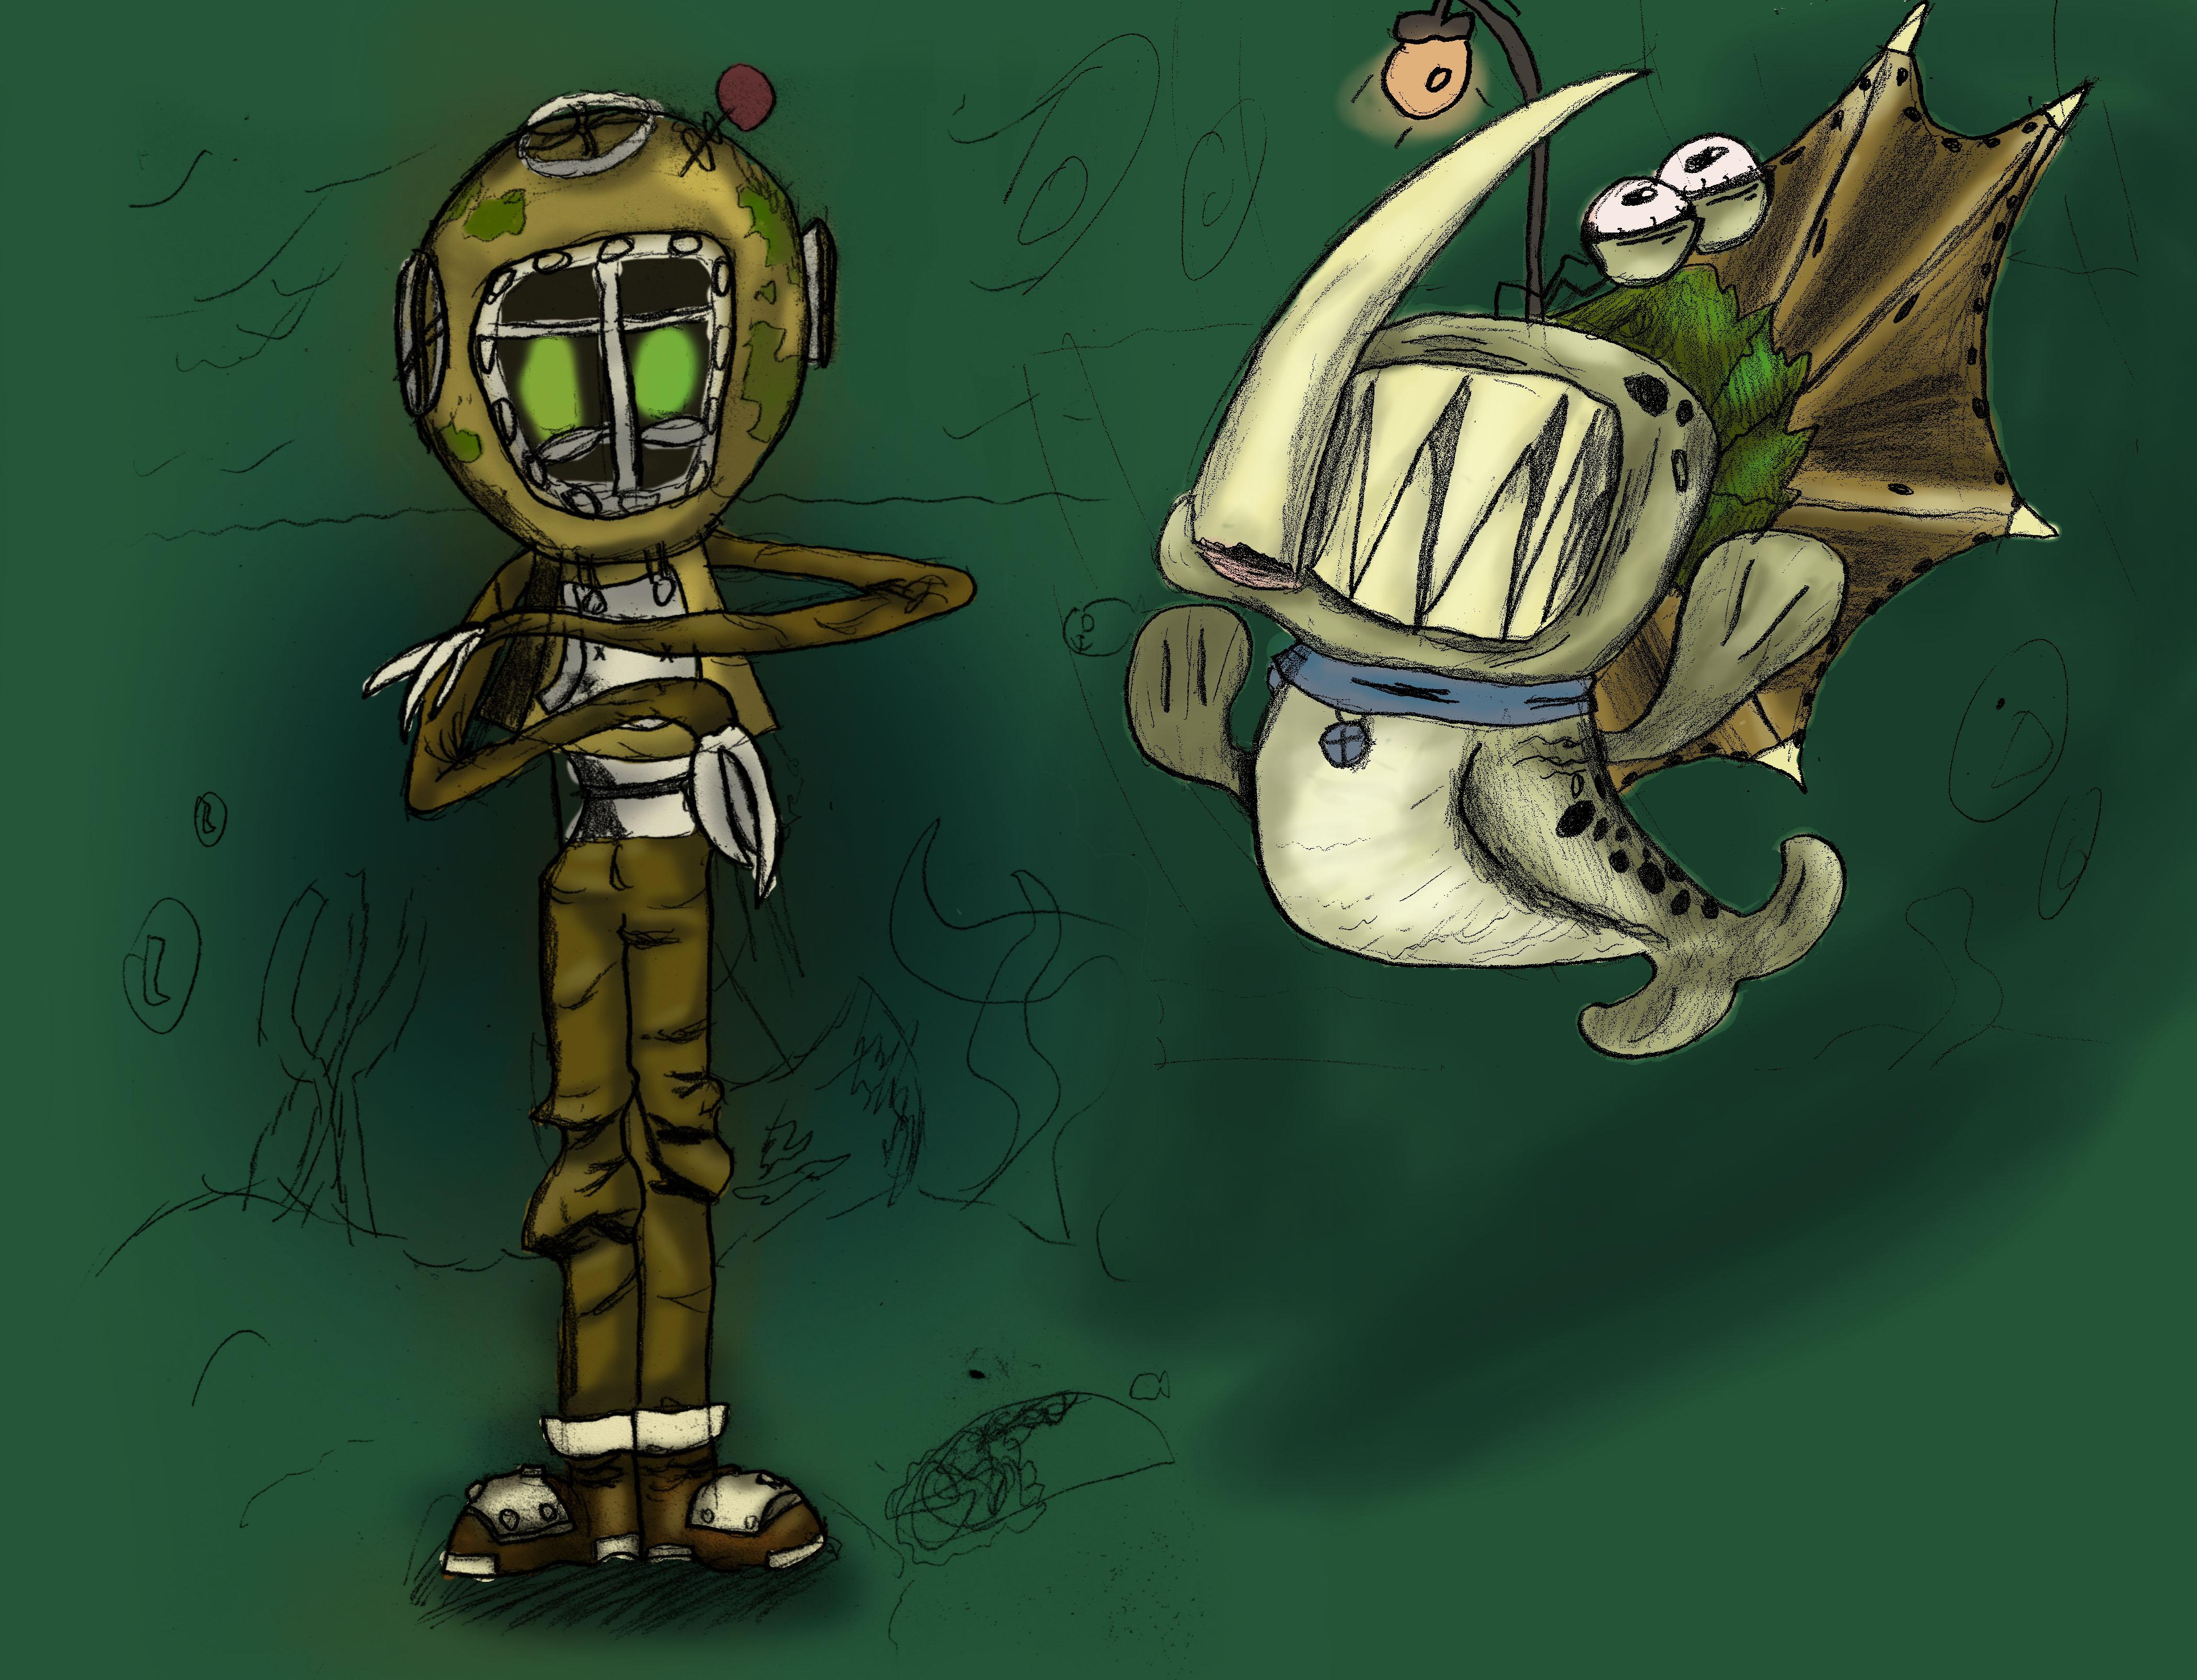 Scuba diver and his pet